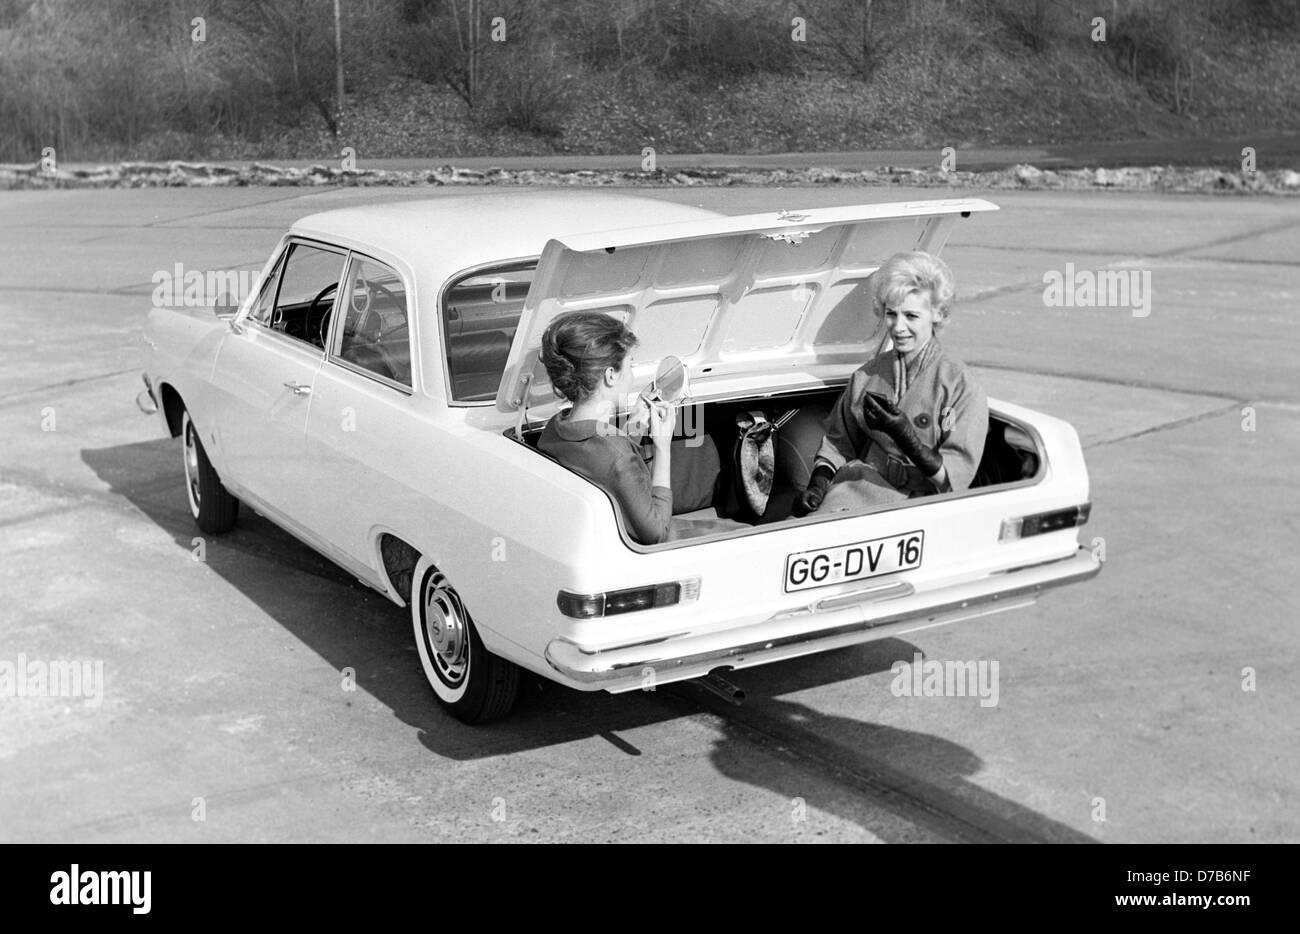 """""""El nuevo Opel Rekord' se presenta en Russelsheim el 5 de febrero de 1963. La imagen muestra a dos mujeres sentadas en el maletero del Nuevo Opel para ilustrar la amplitud del coche. Foto de stock"""